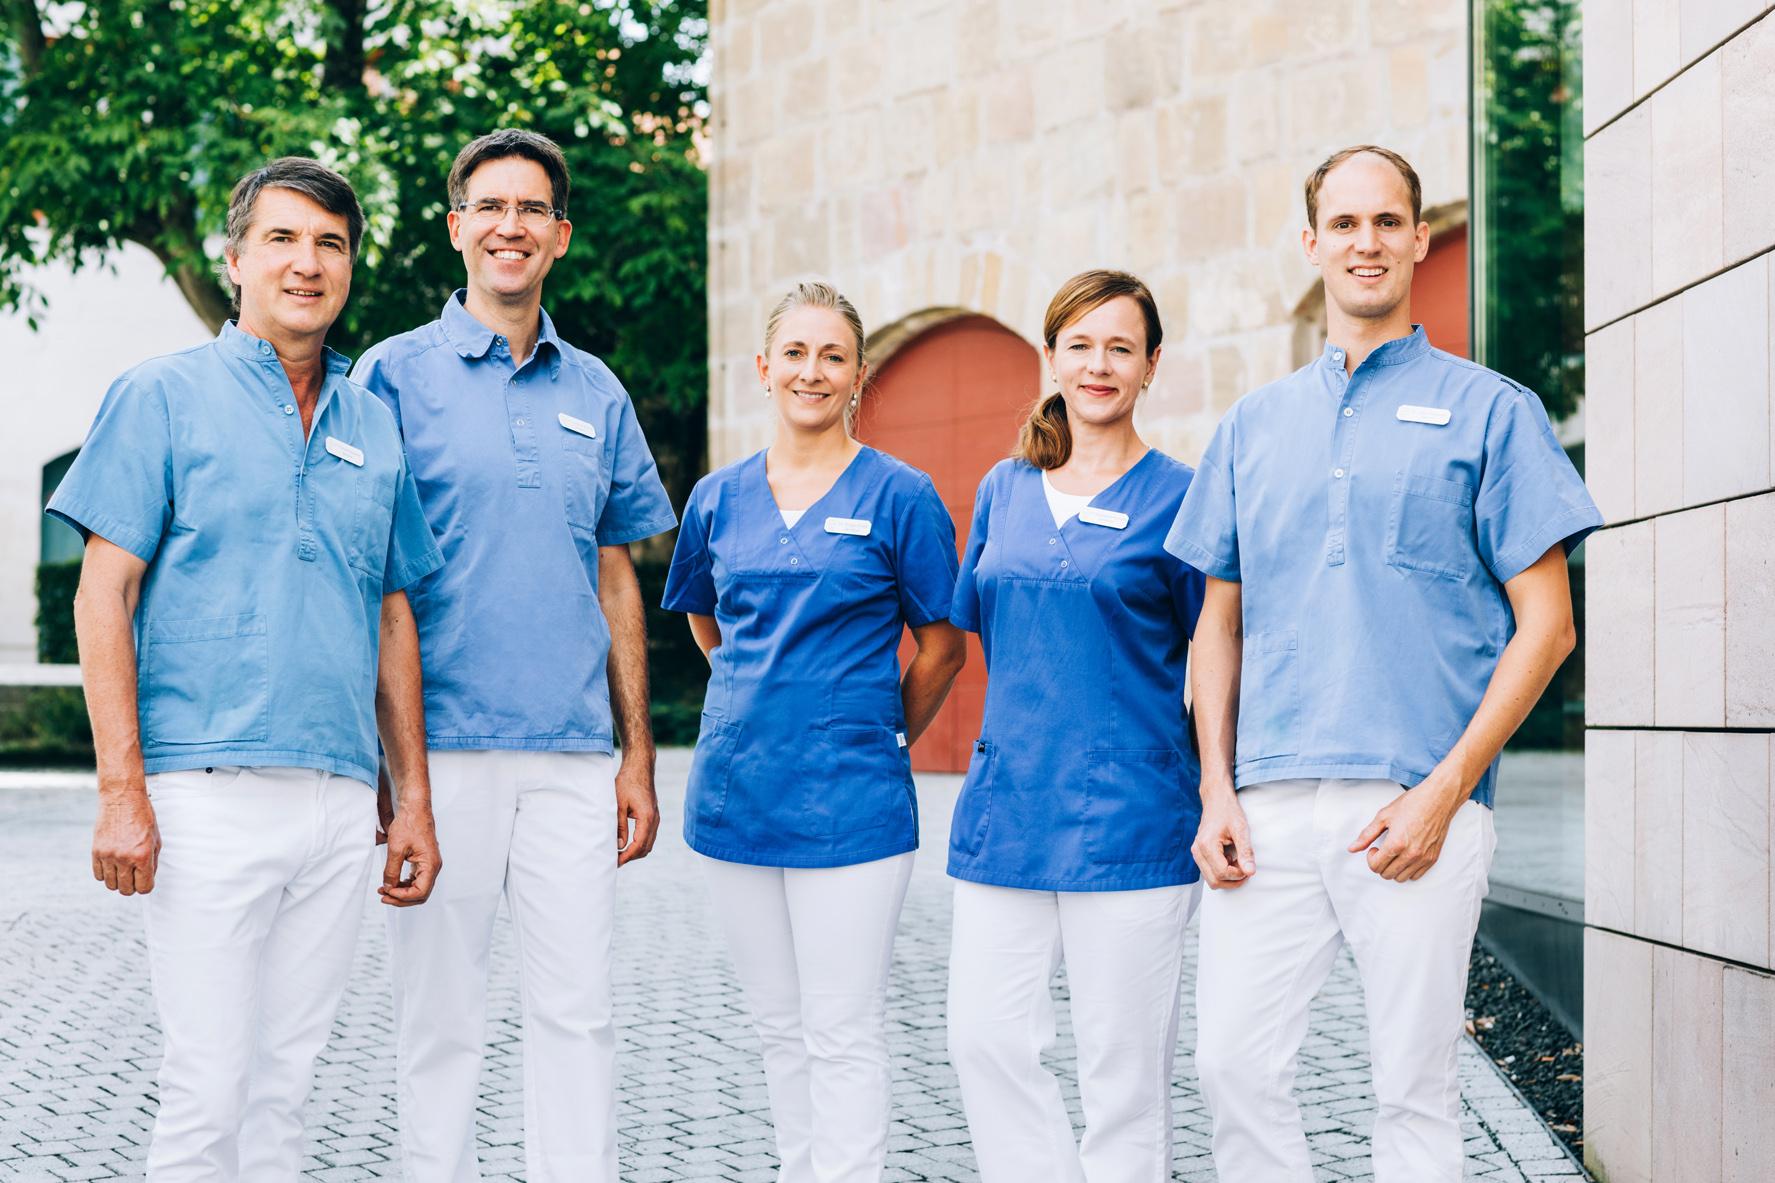 Gruppenbild, Zahnärzte Hilpoltstein